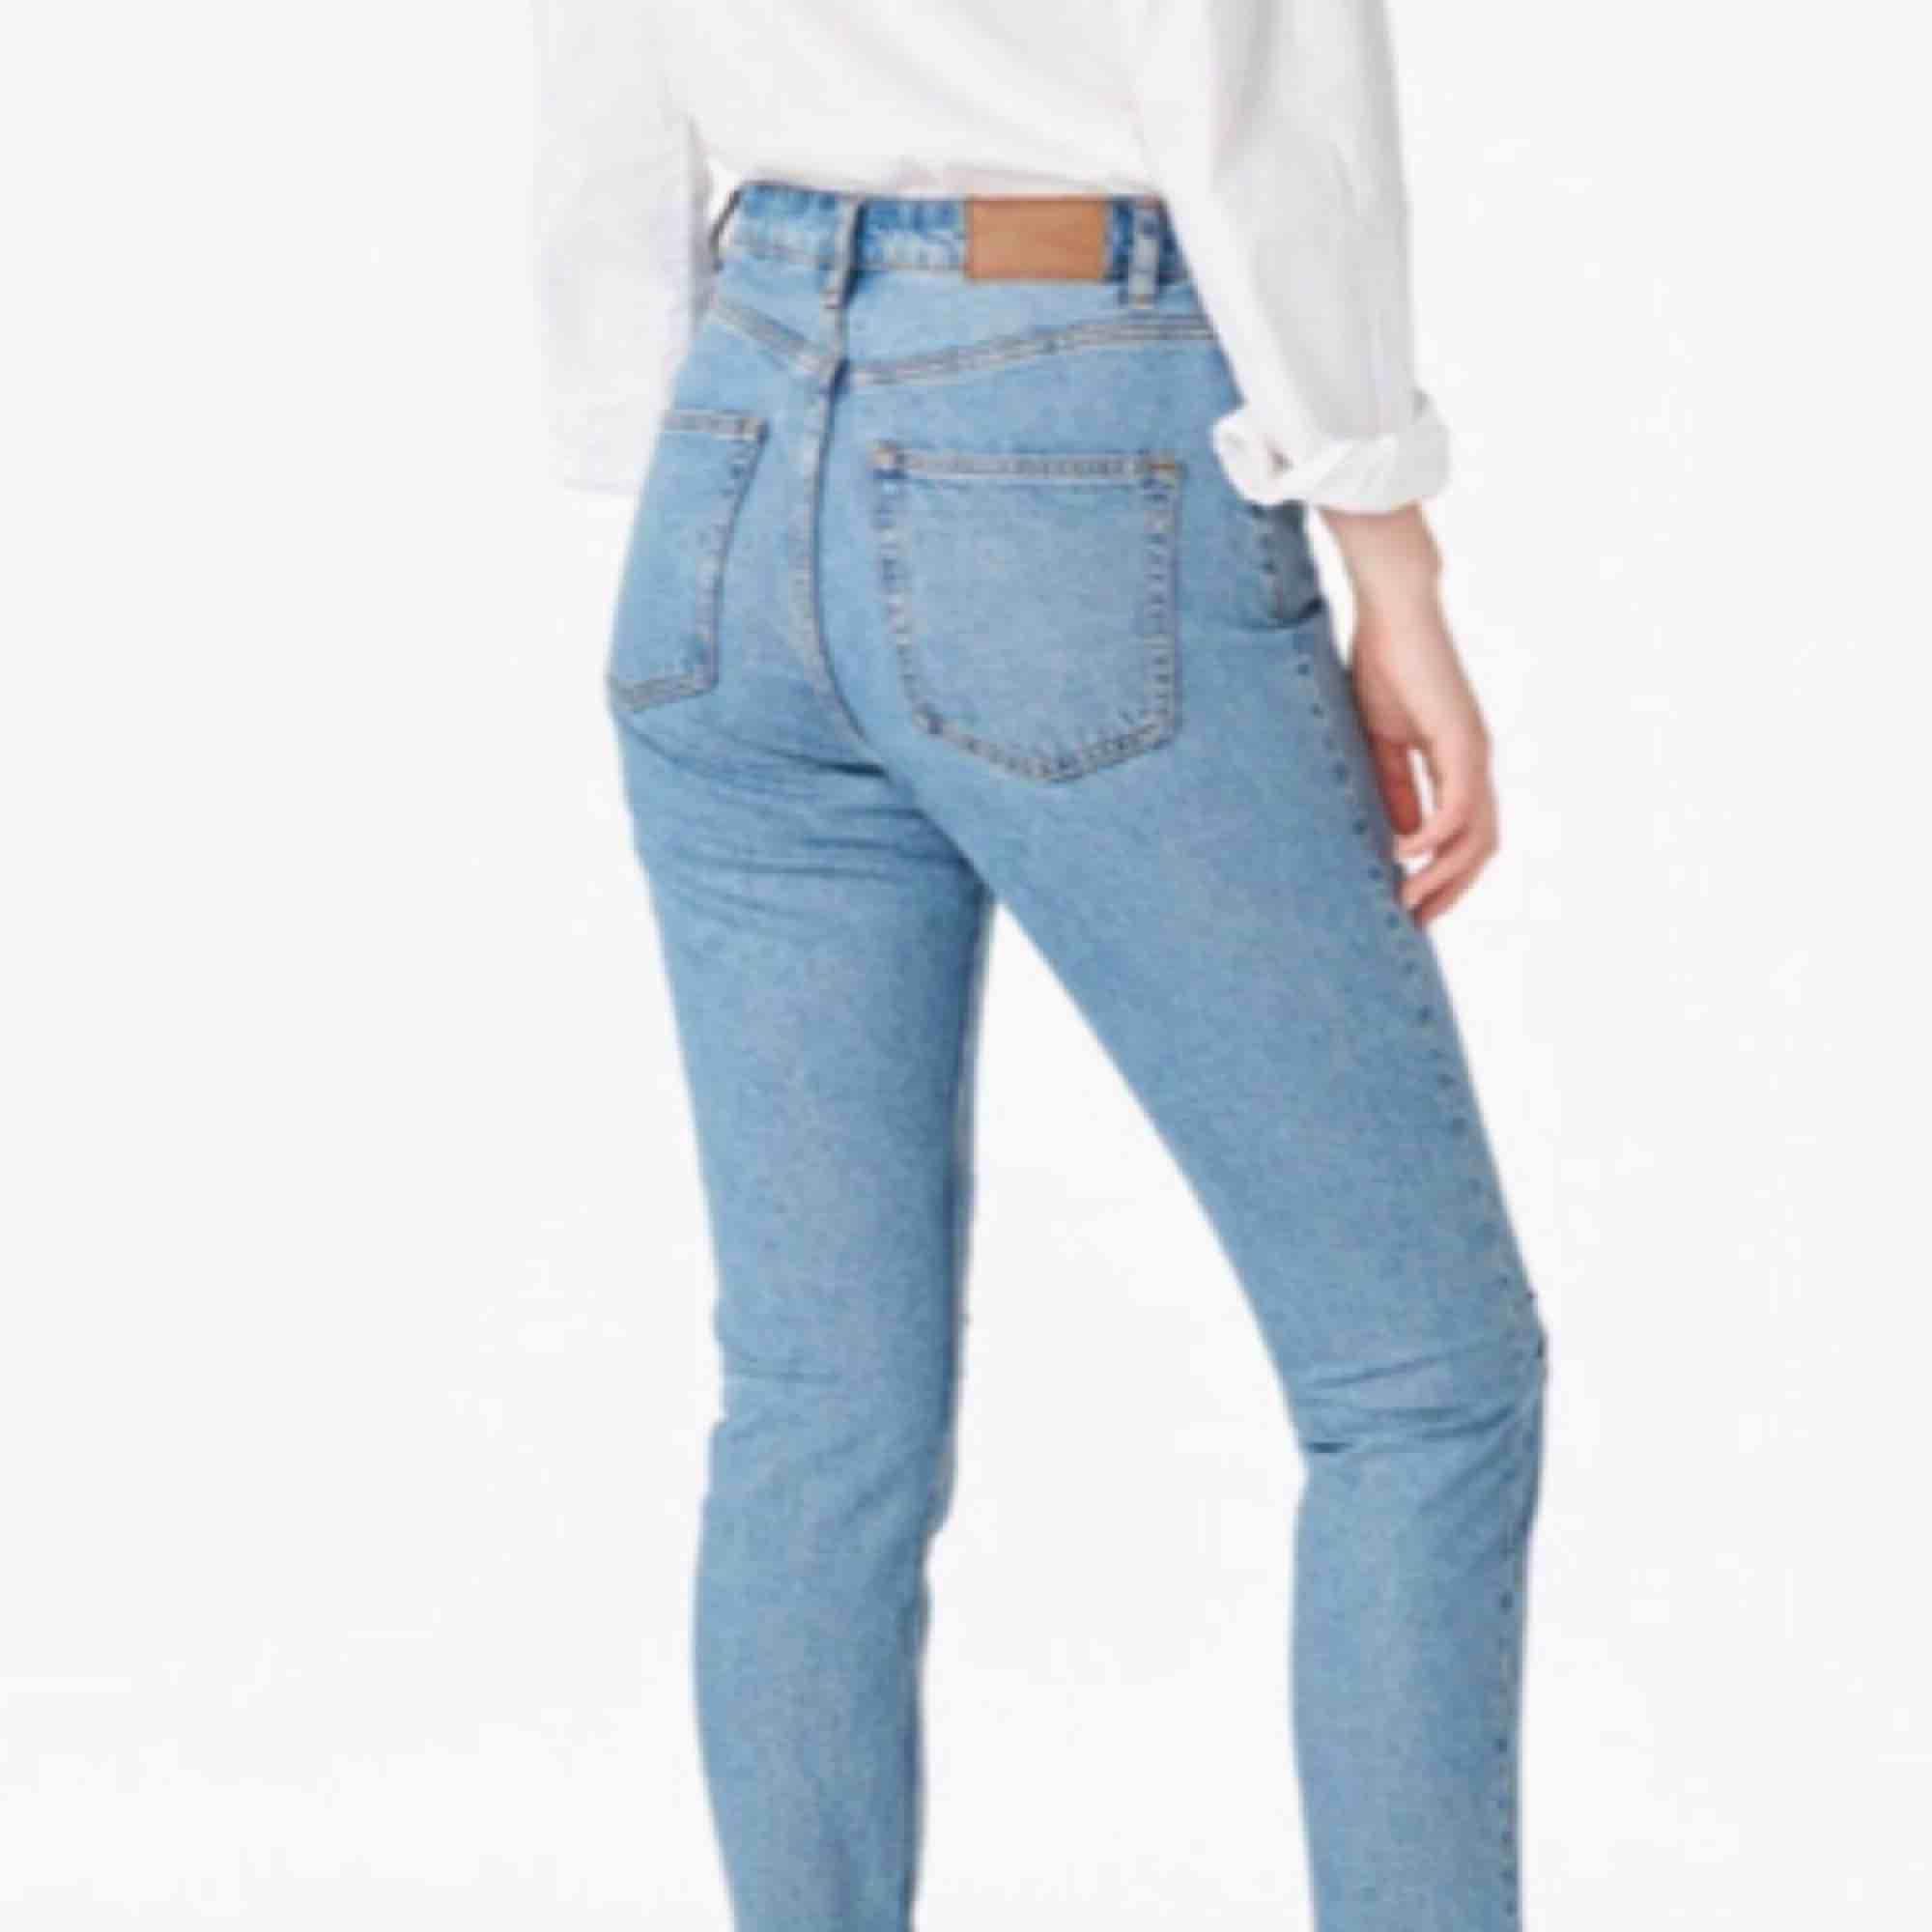 Skit snygga mom jeans i strl 31 (ungefär medium) 😍 oanvända!! Bra skick ✨💓 ljus färg, högmidjade. Kontakta för fler bilder! . Jeans & Byxor.